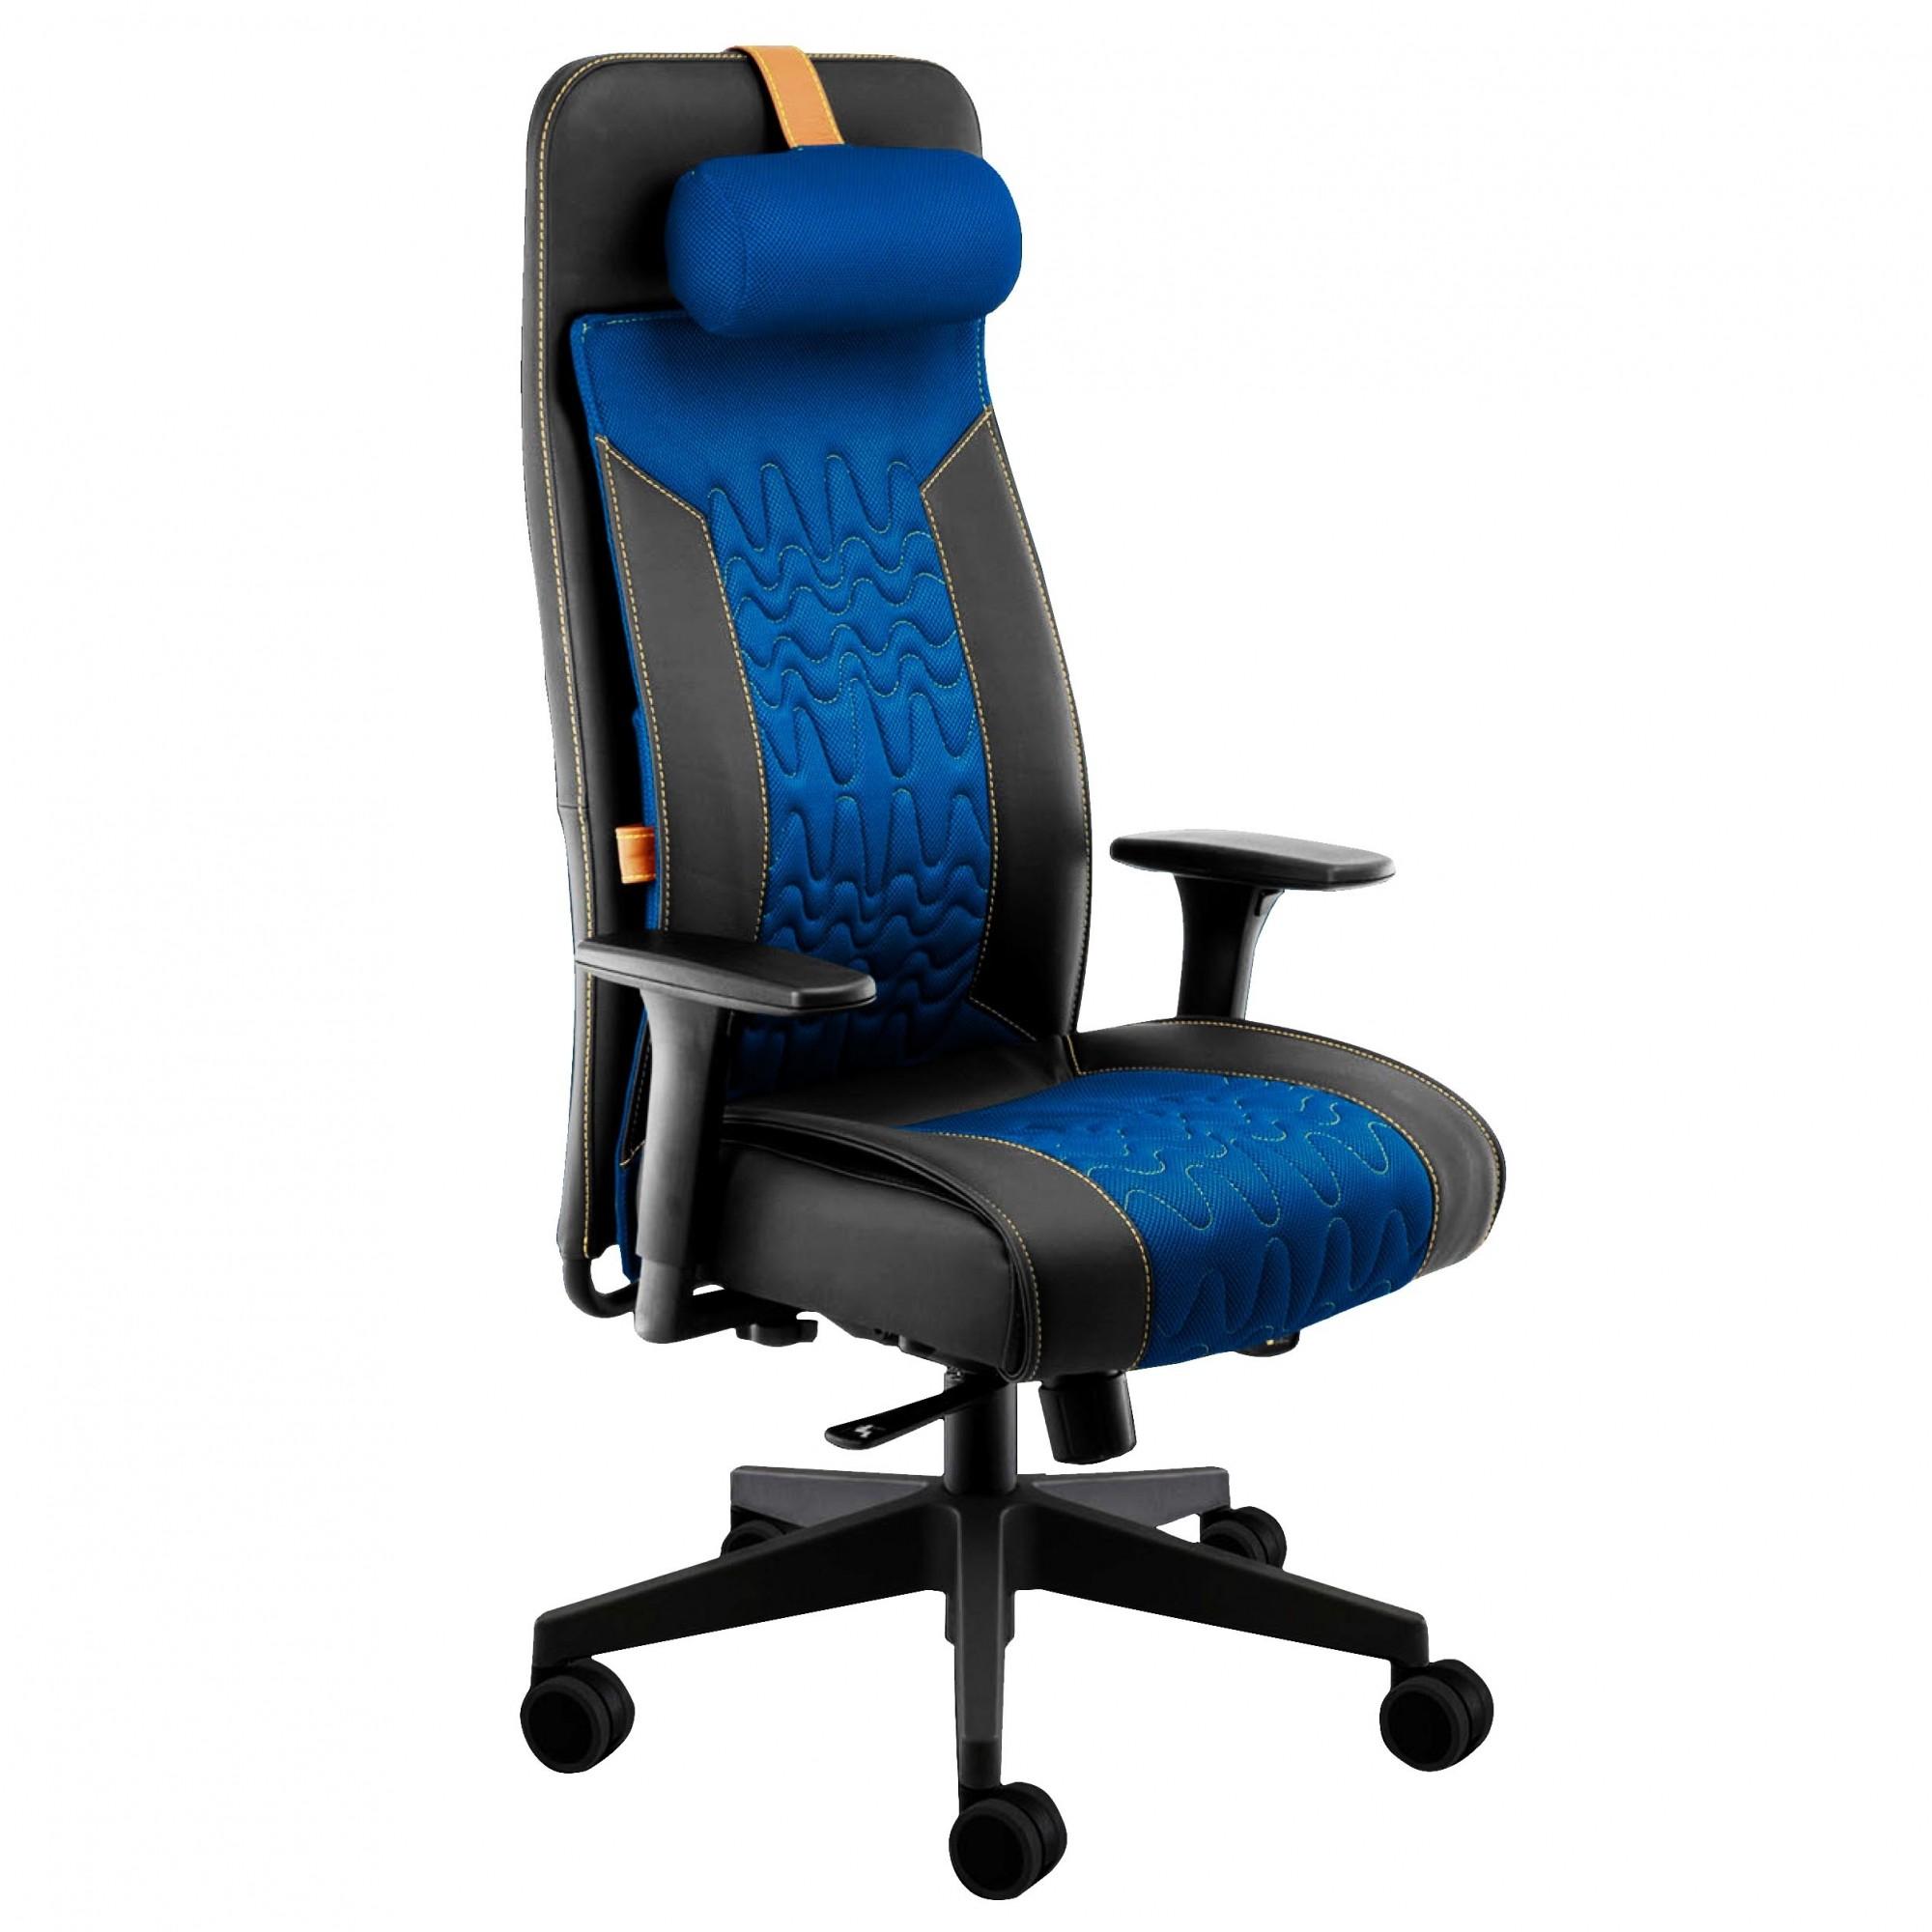 Cadeira Gamer Cavaletti Way Gamer Braço 4D Suporte Lombar Apoio de cabeça